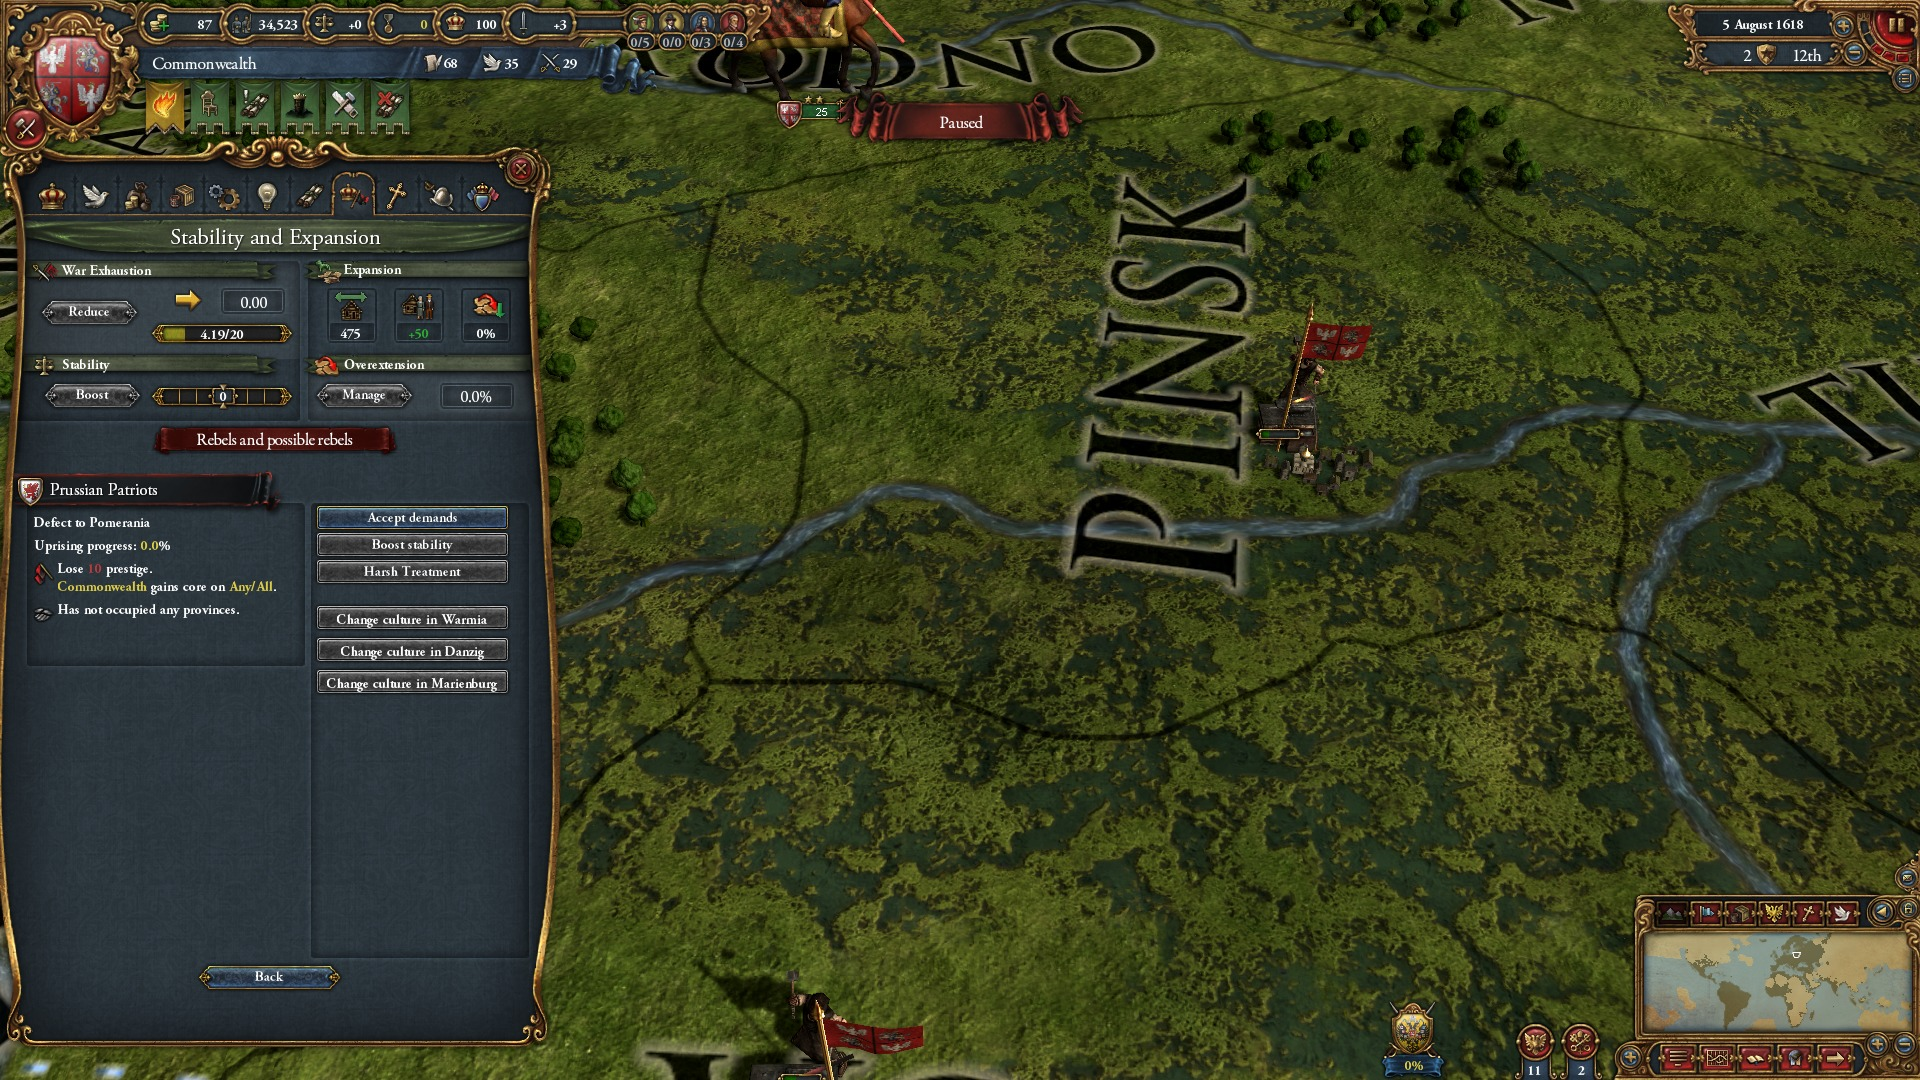 Expansion - Europa Universalis IV: Art of War screenshot